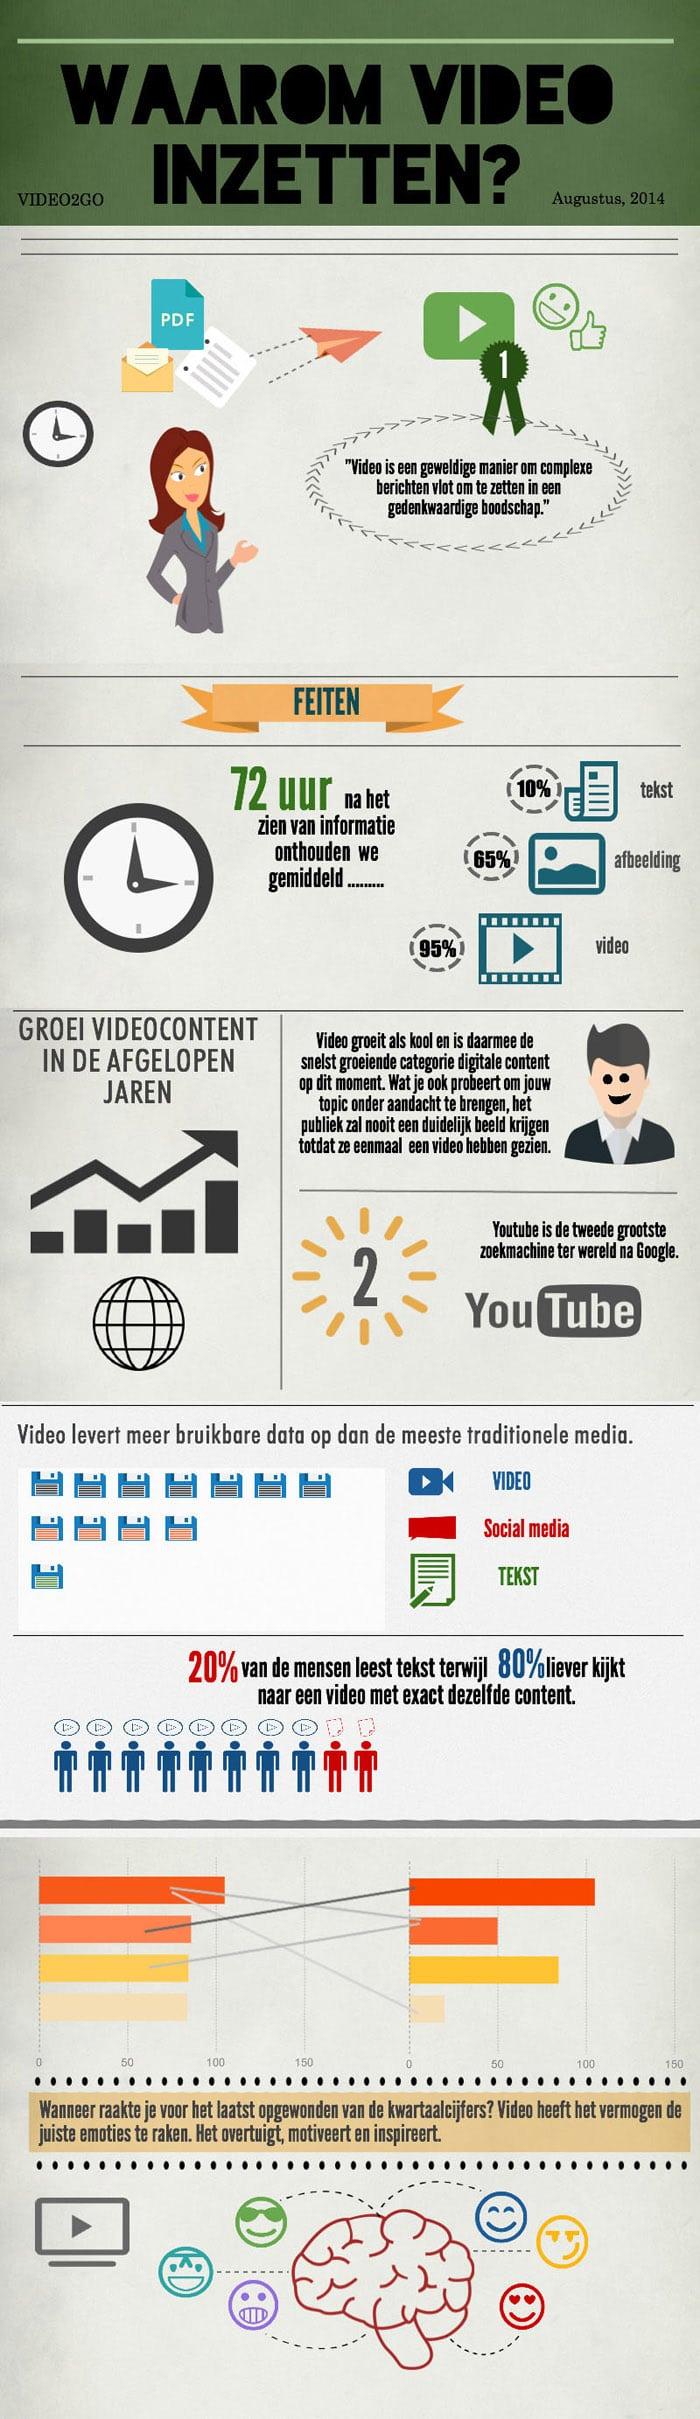 infographic animatie video laten maken